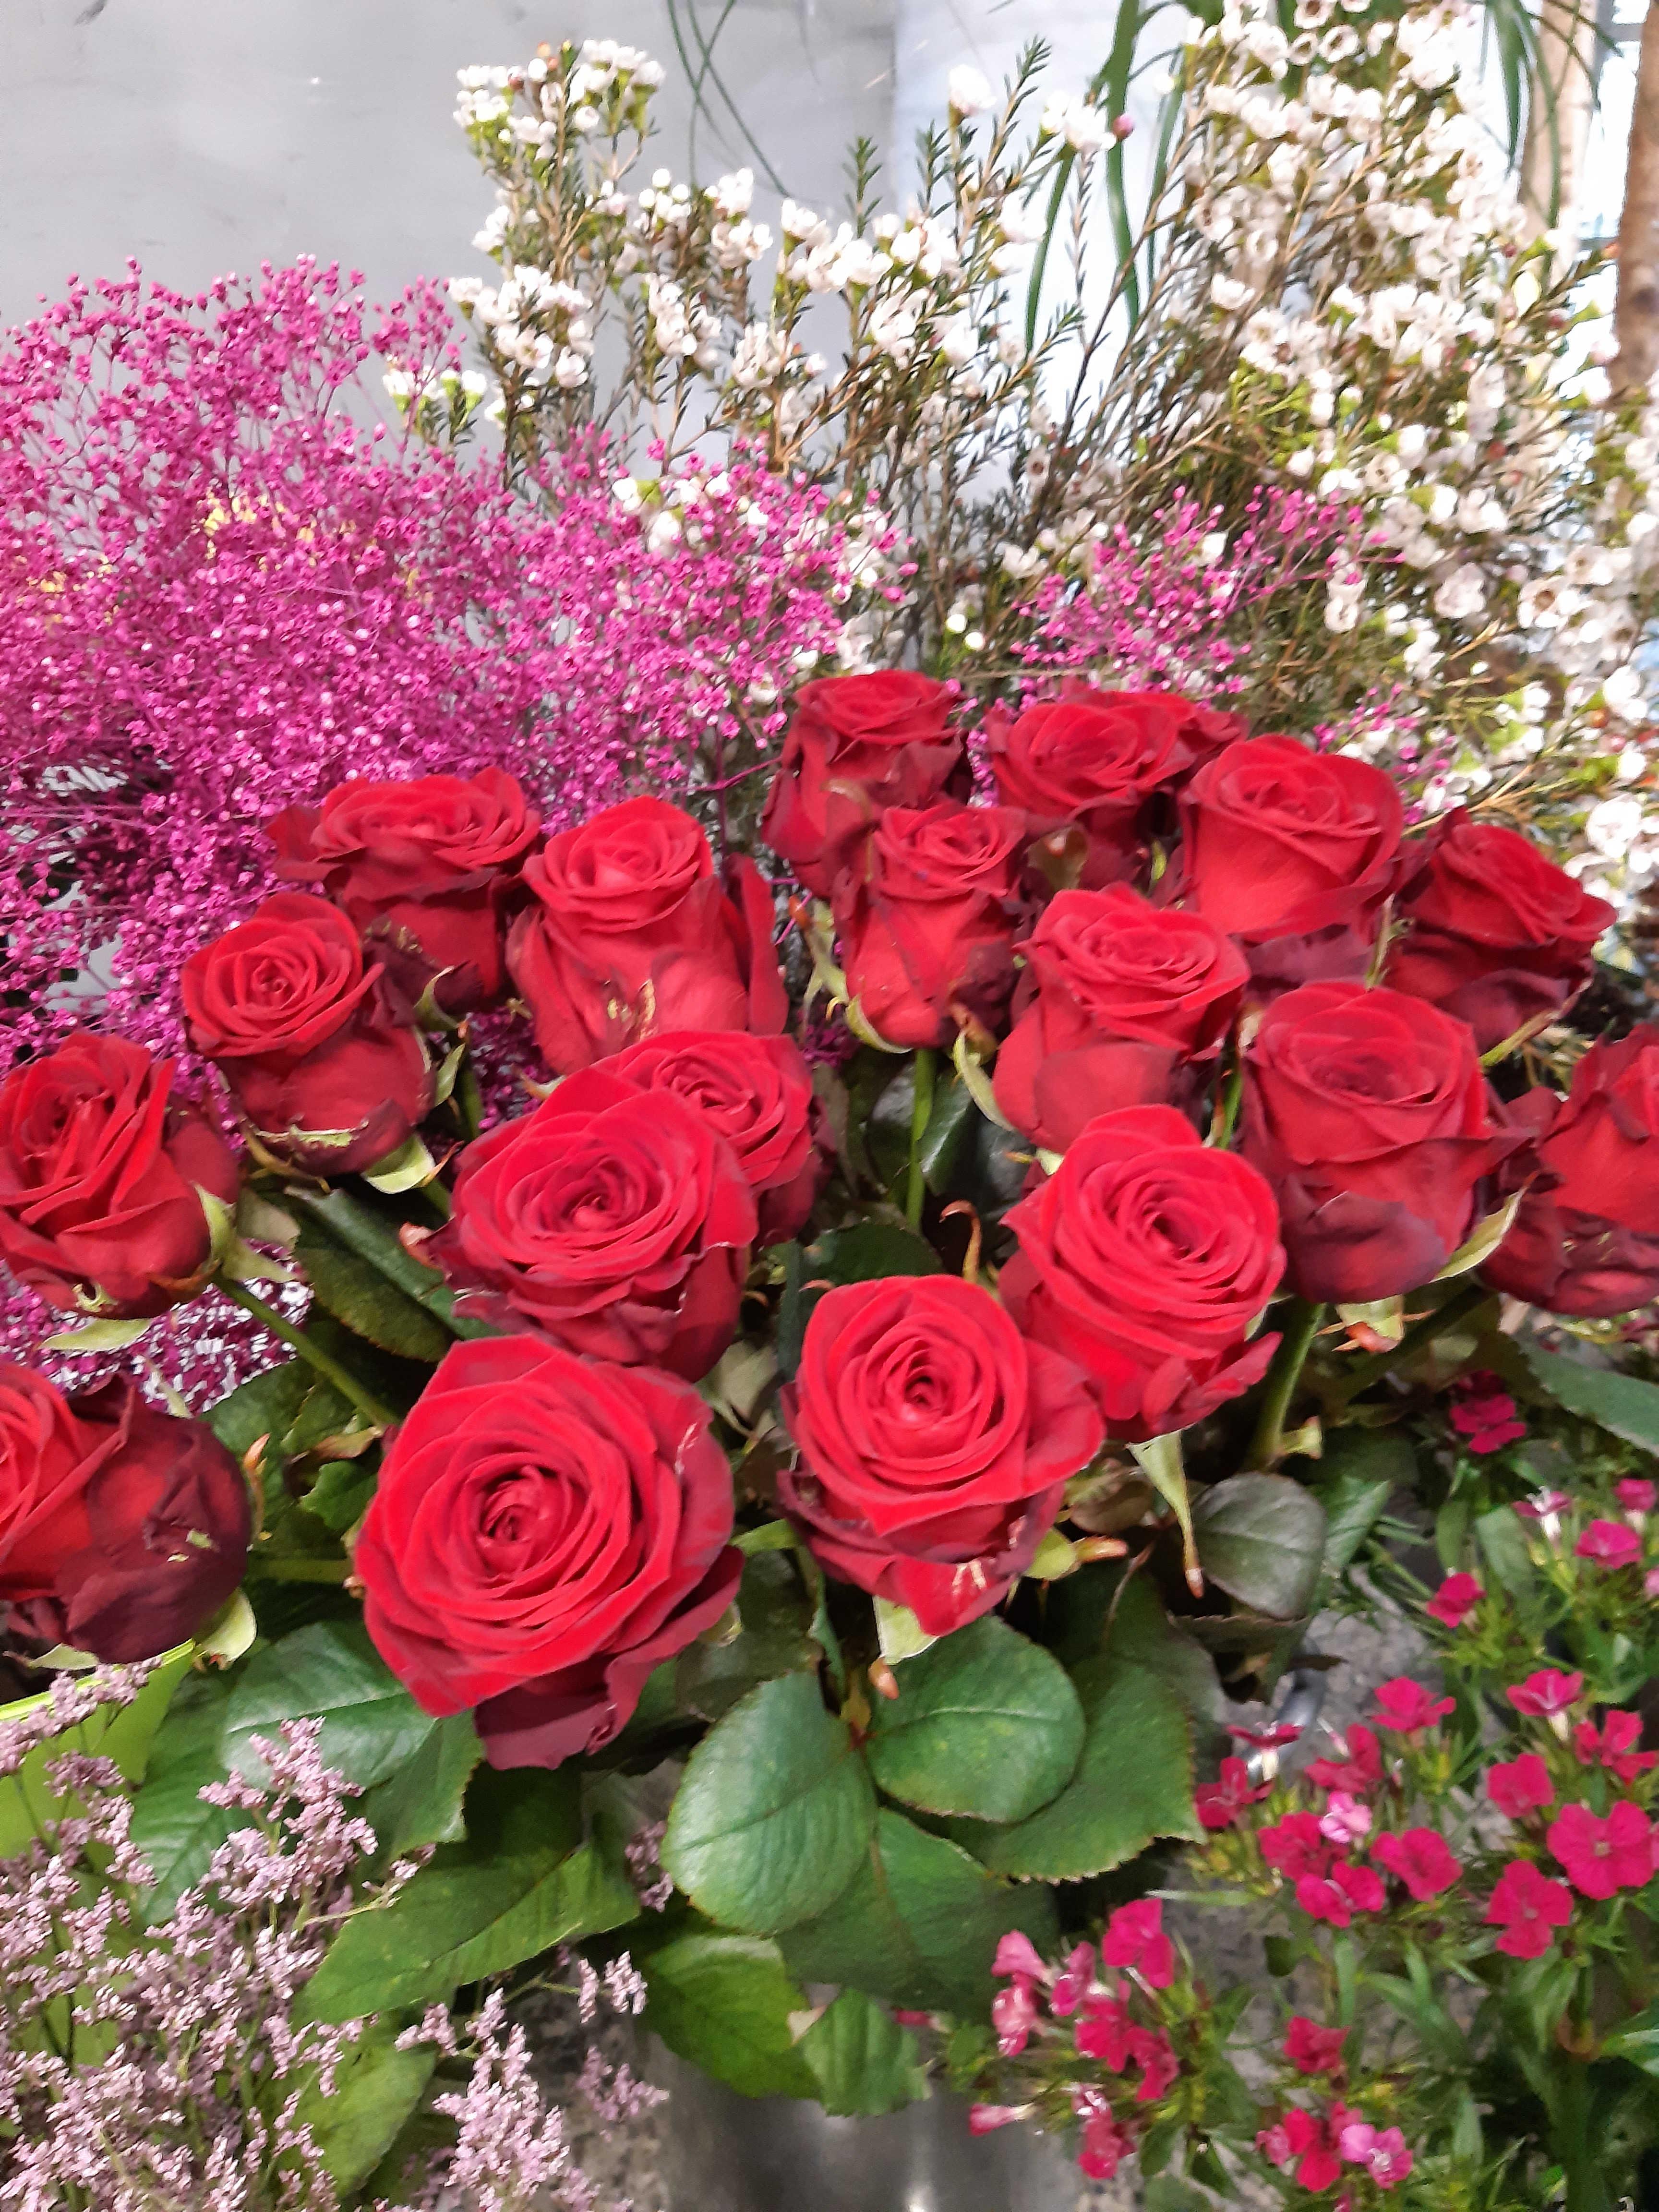 Strauß rote Rosen - 9 langstielige Rosen